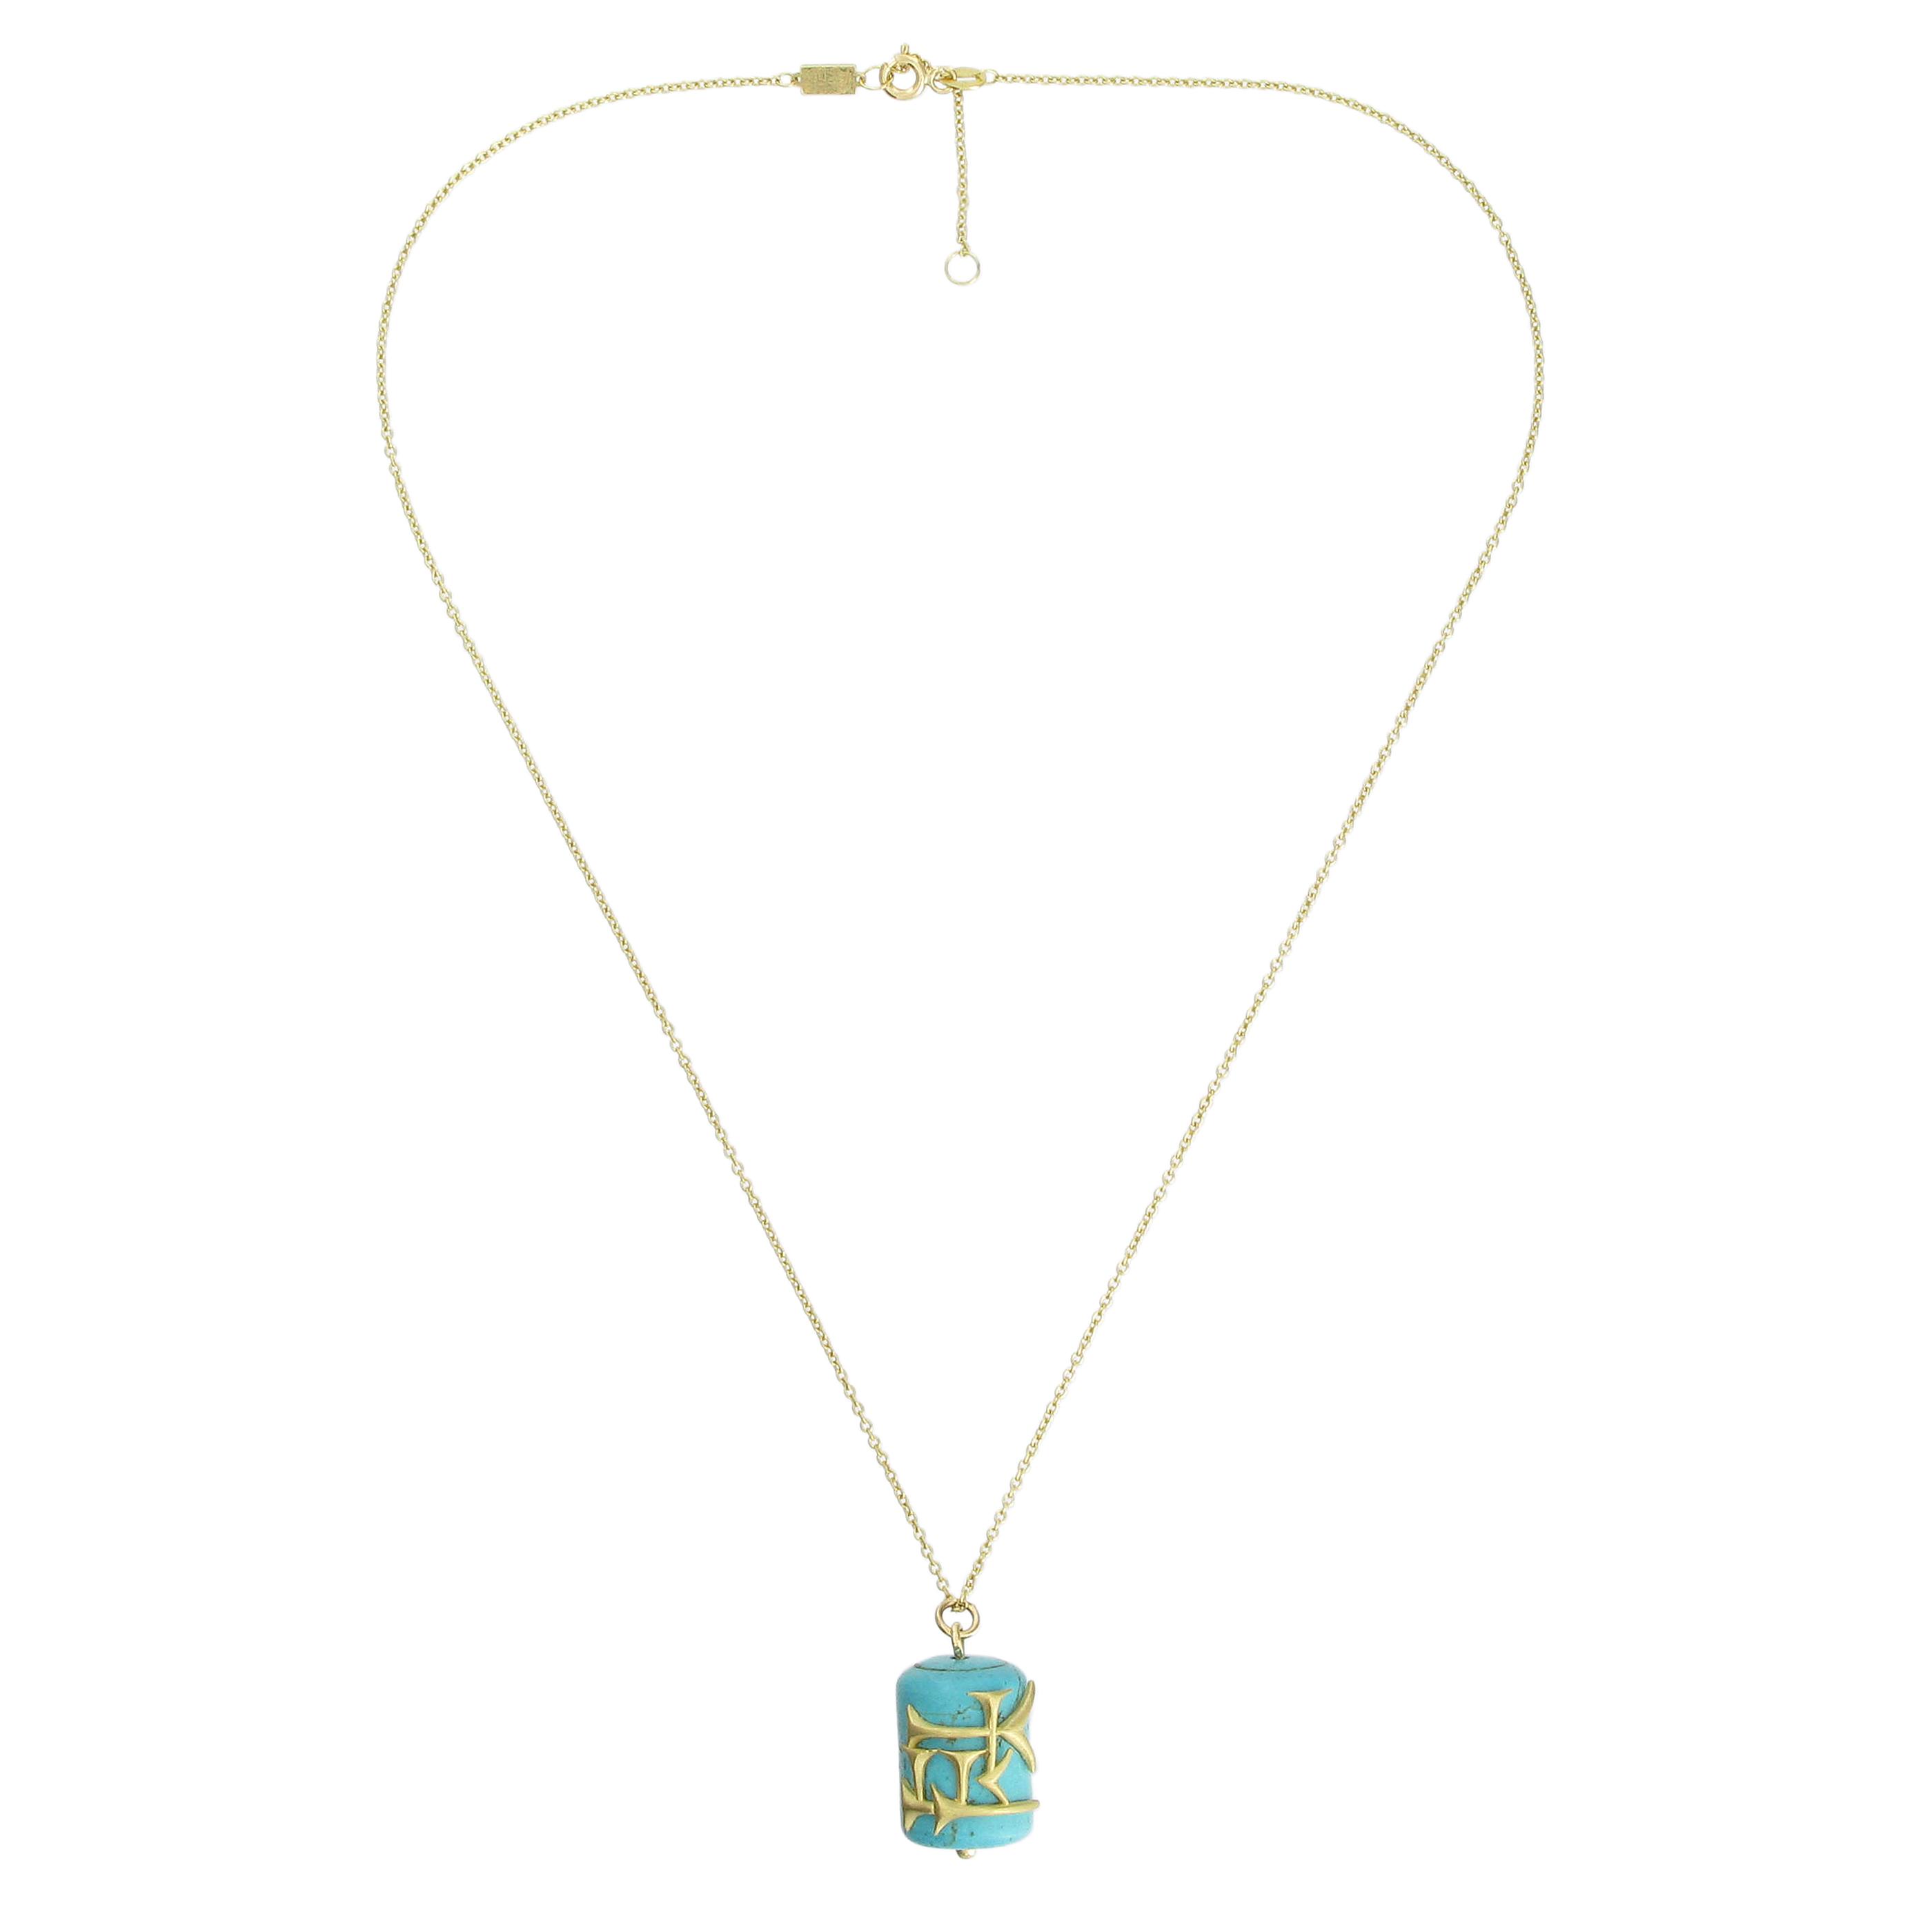 Cuneiform turquoise necklace (love)